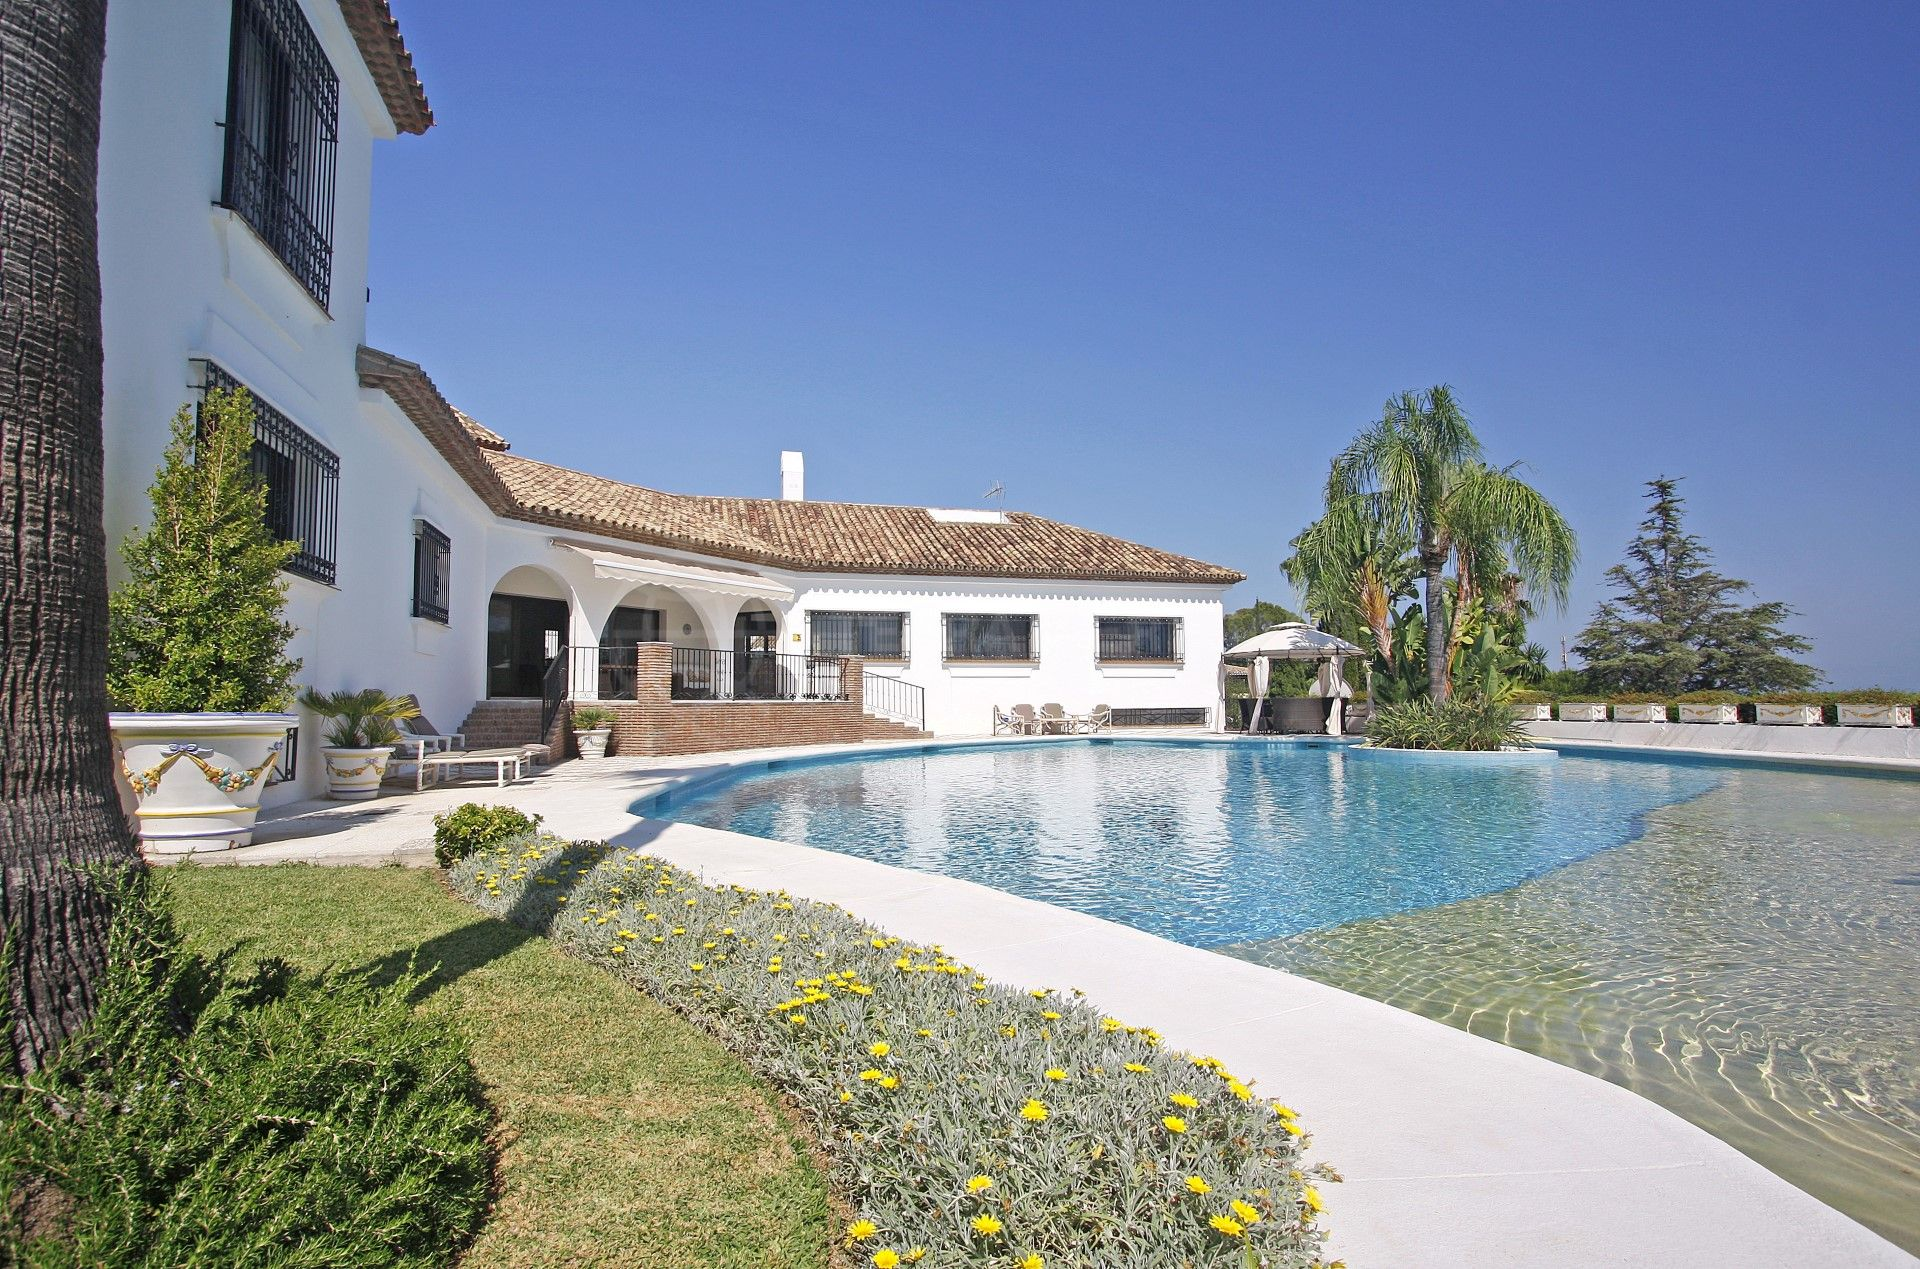 Villa A Vendre A Estepona